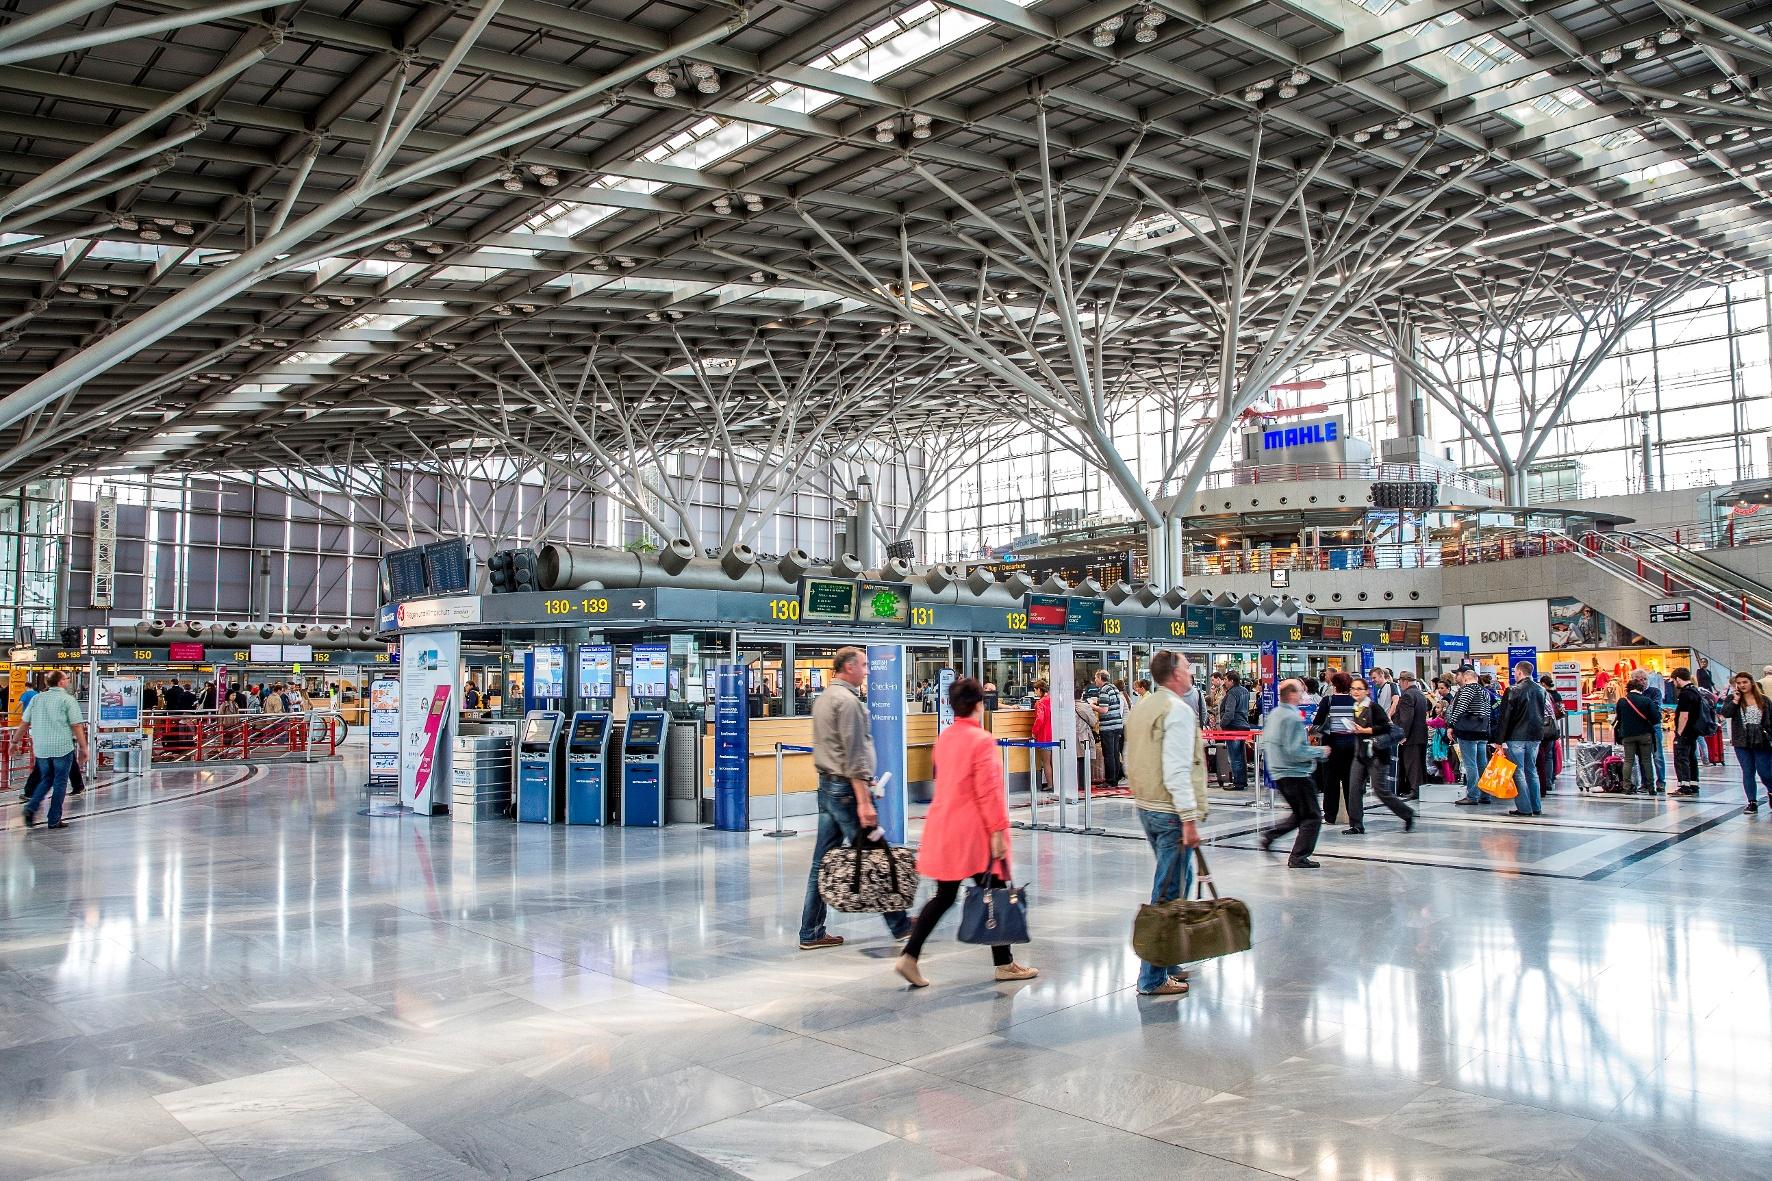 Parken am Airport: Ein teures Vergnügen